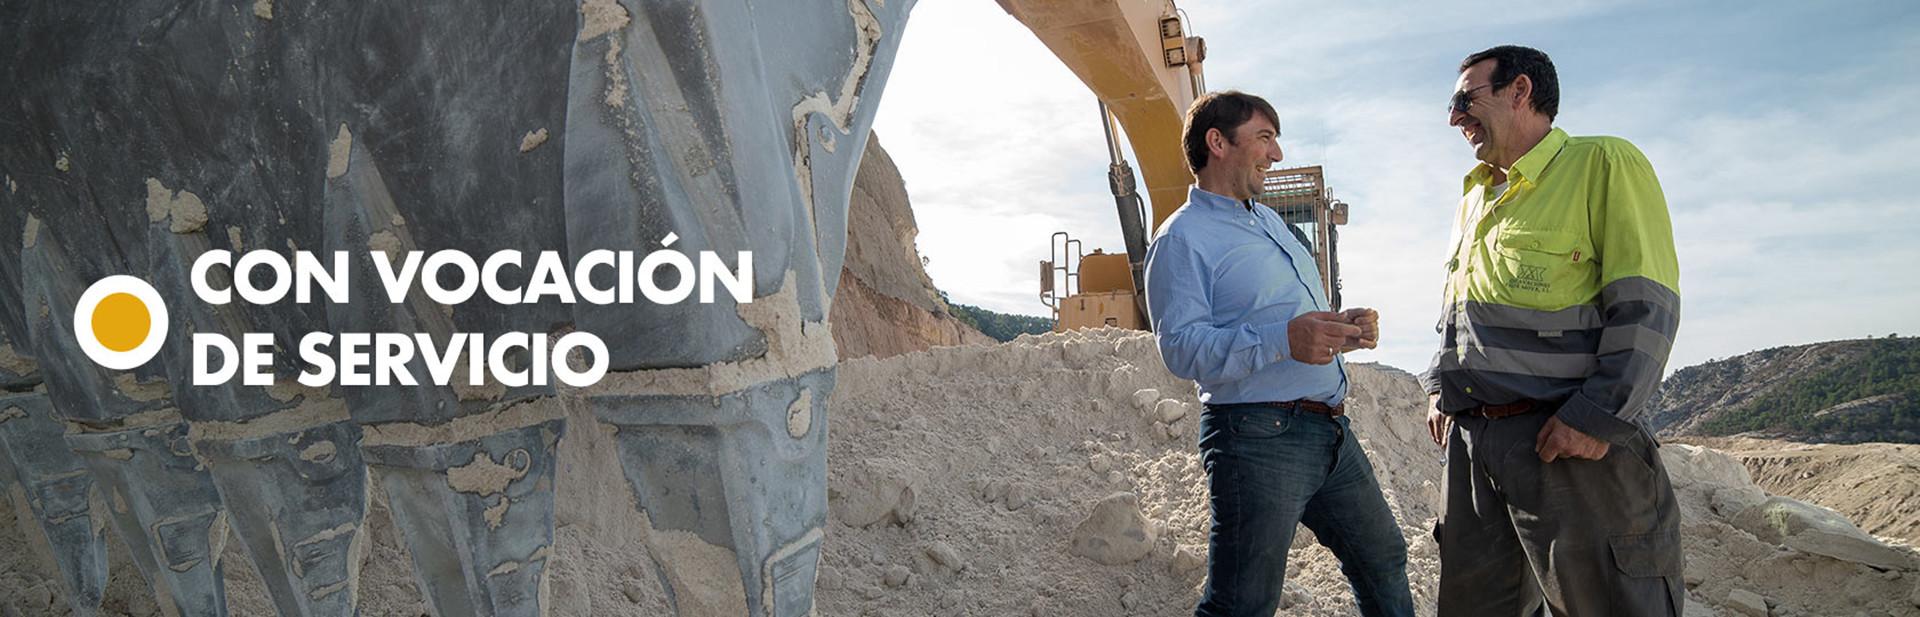 Repuestos para Maquinaria de Obra Pública, Construcción y Minería